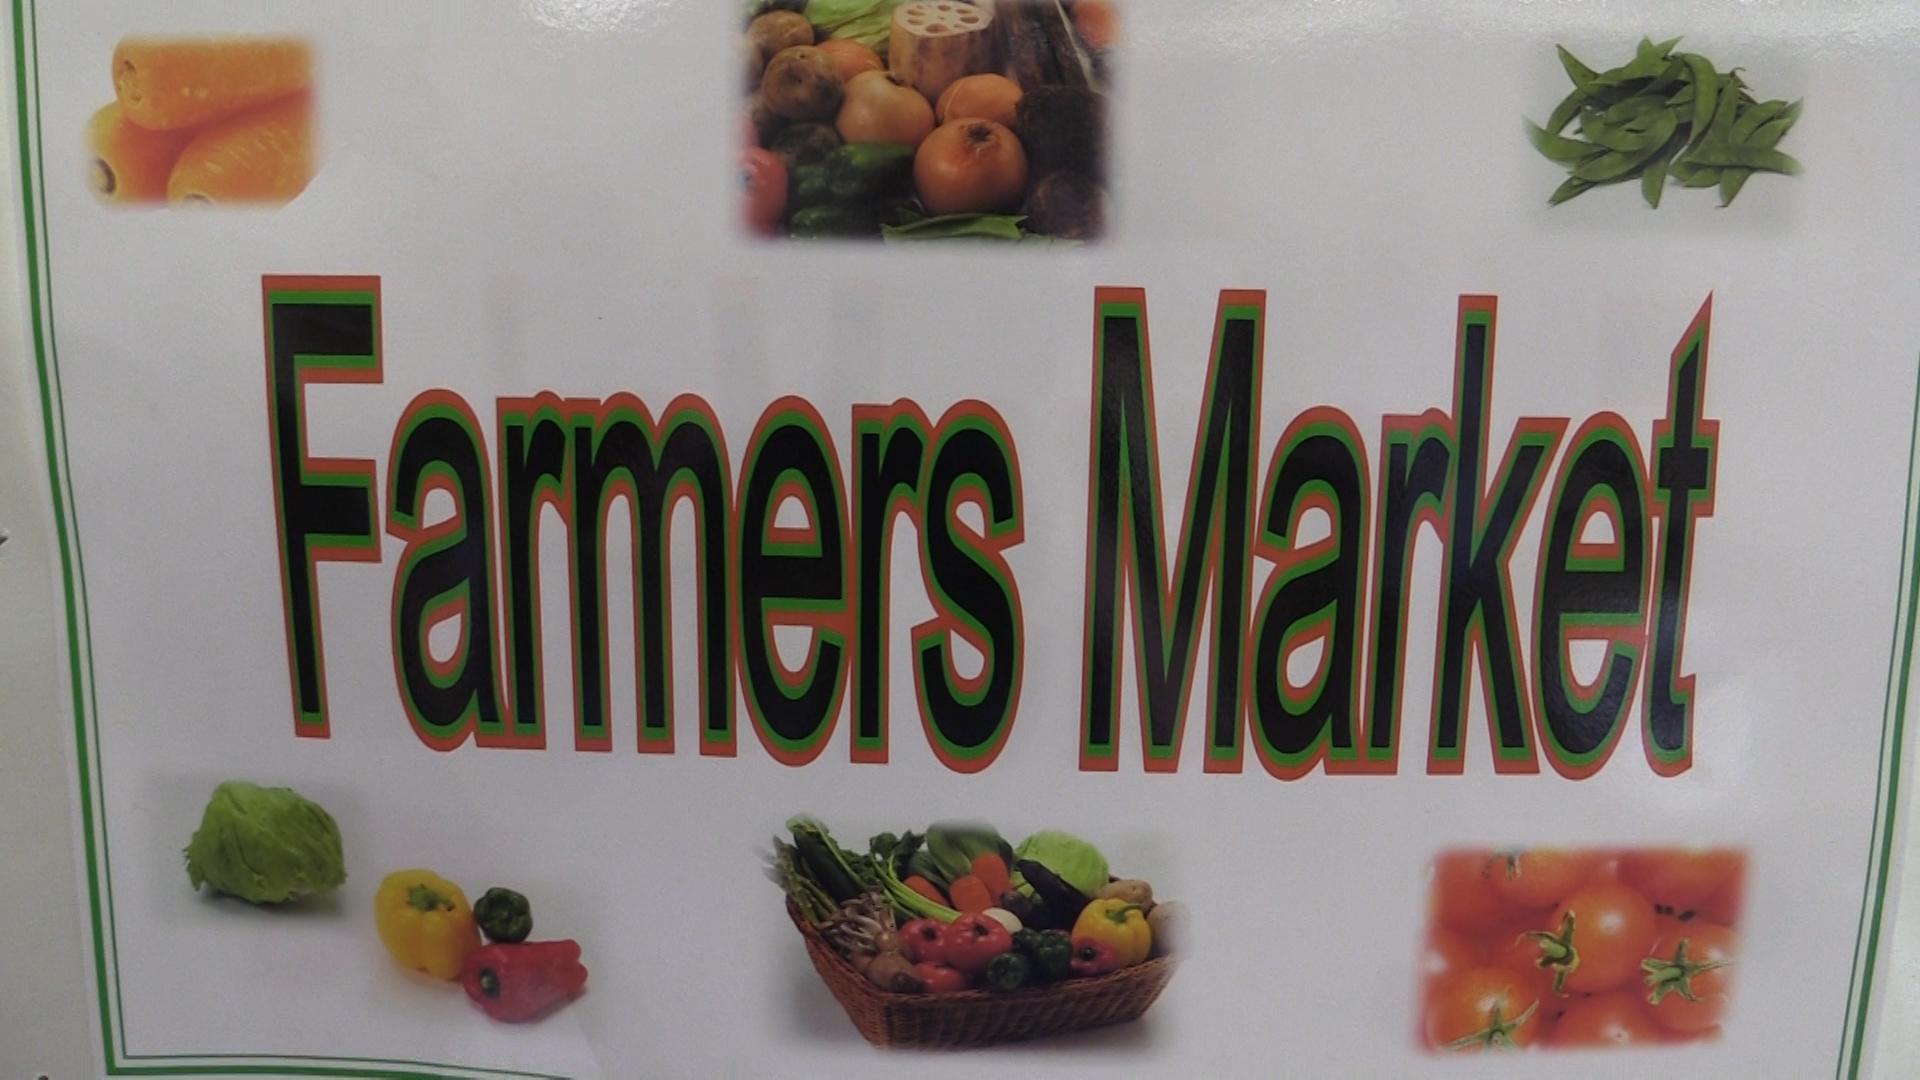 FFA Farmer's Market